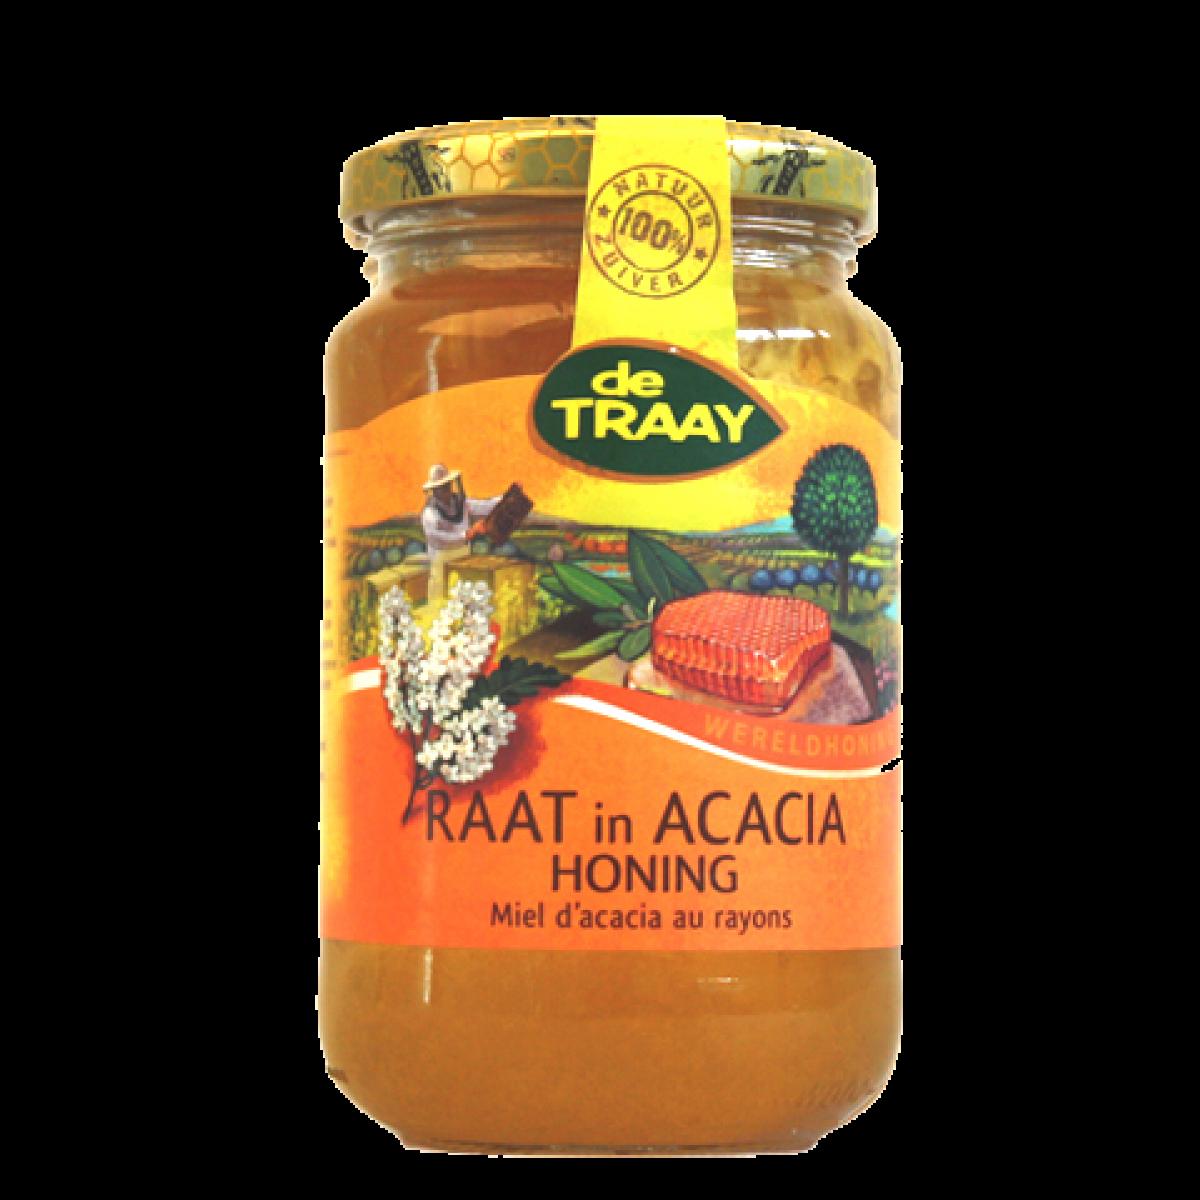 Acacia Honing Met Raat